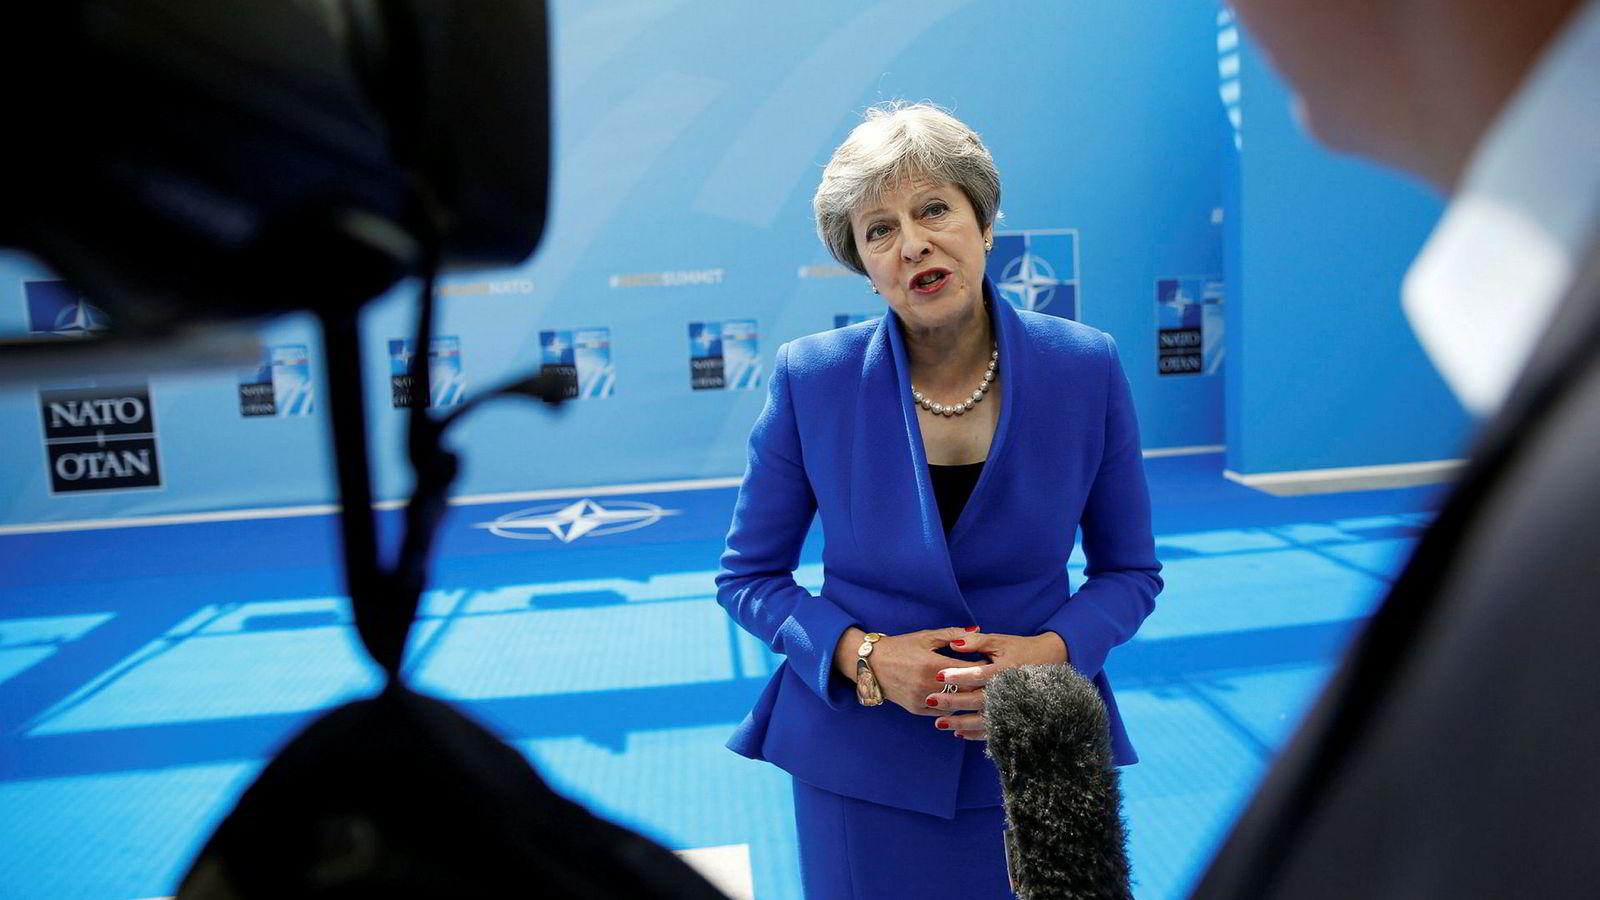 Innen uken er omme, spås det at Storbritannias statsminister Theresa Mays planer for en kontrollert skilsmisse med EU neste år kan være ødelagt – av hennes egne partifeller. Her snakker May med pressen før Nato-toppmøte i Brussel.